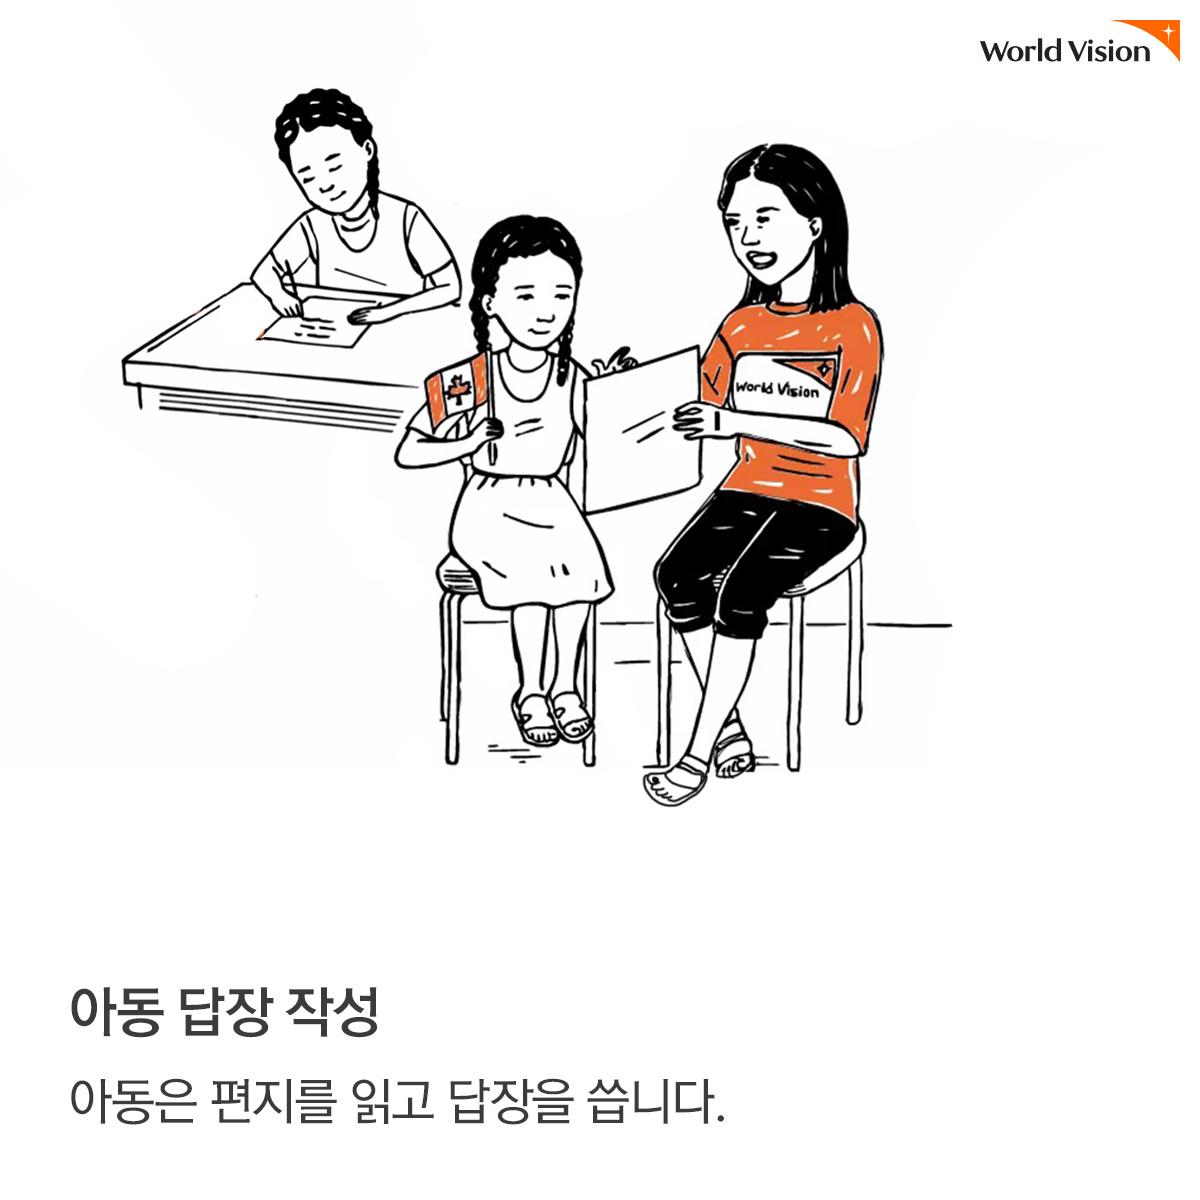 아동 답장 작성:아동은 편지를 읽고 답장을 씁니다.